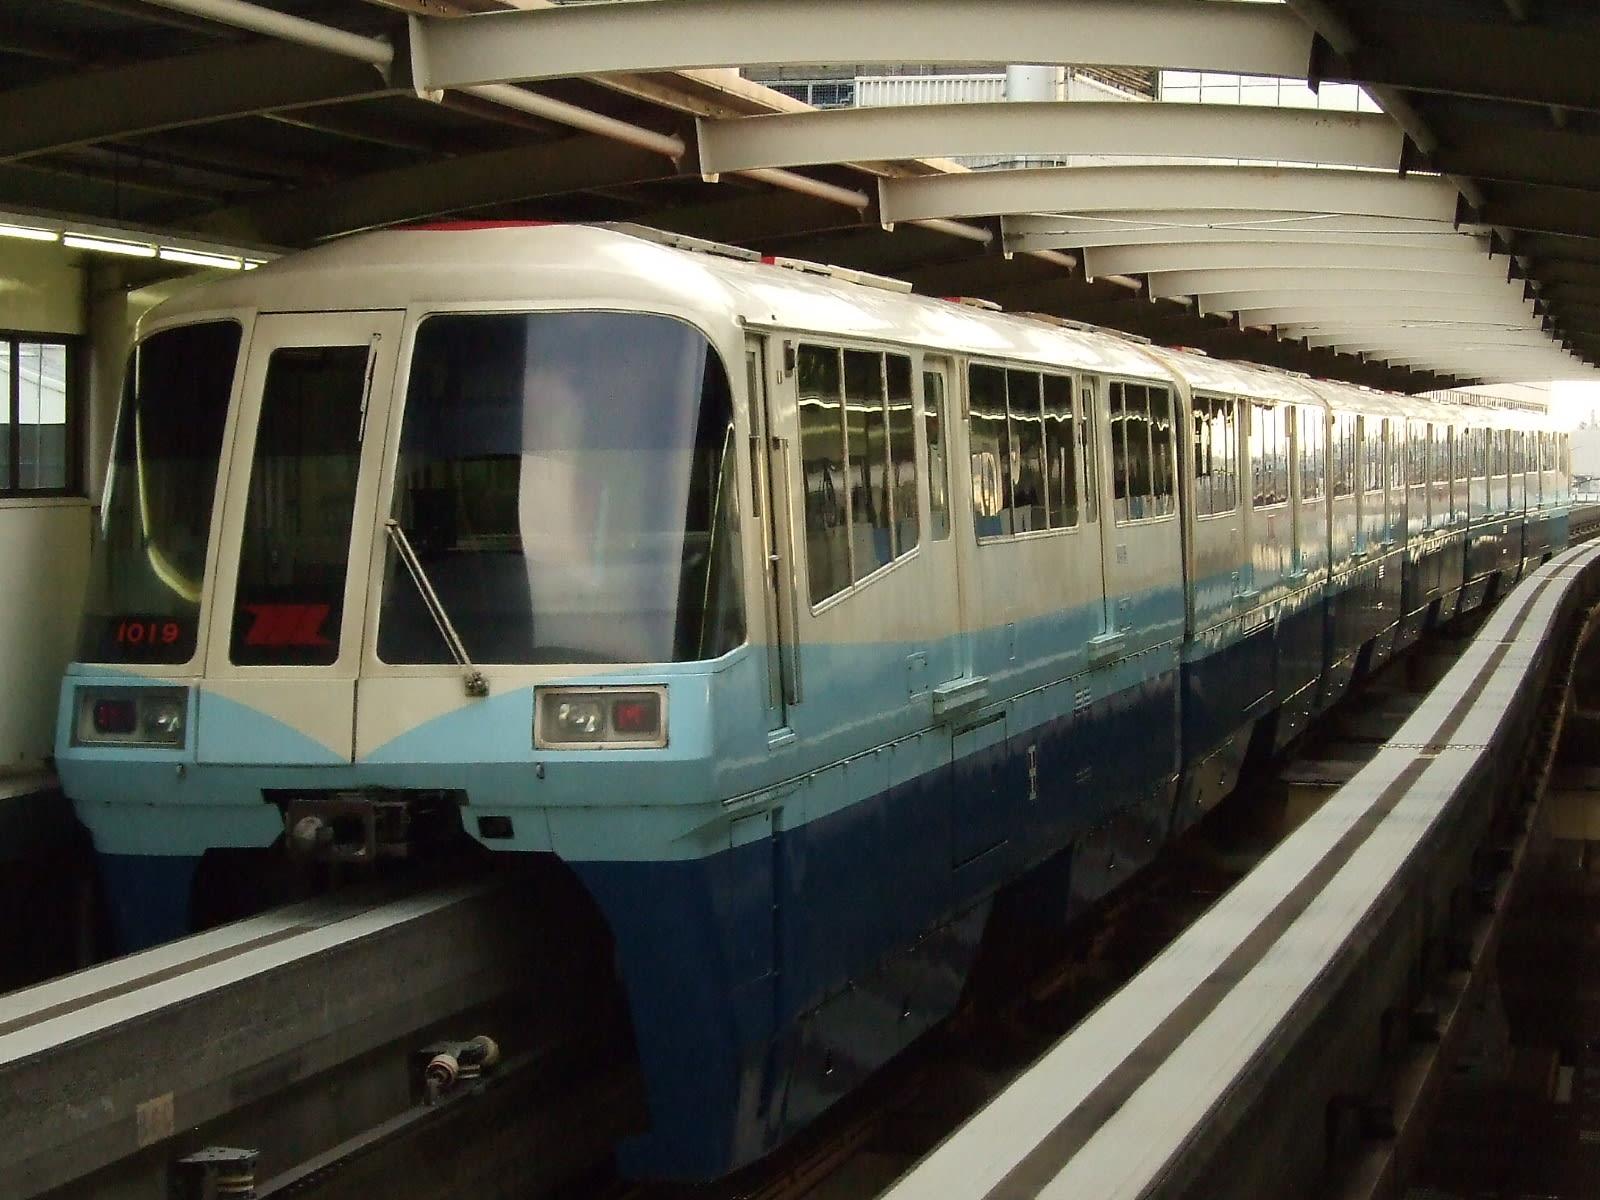 東京モノレール 1000形電車(開業時カラー) - 水の丘交通公園